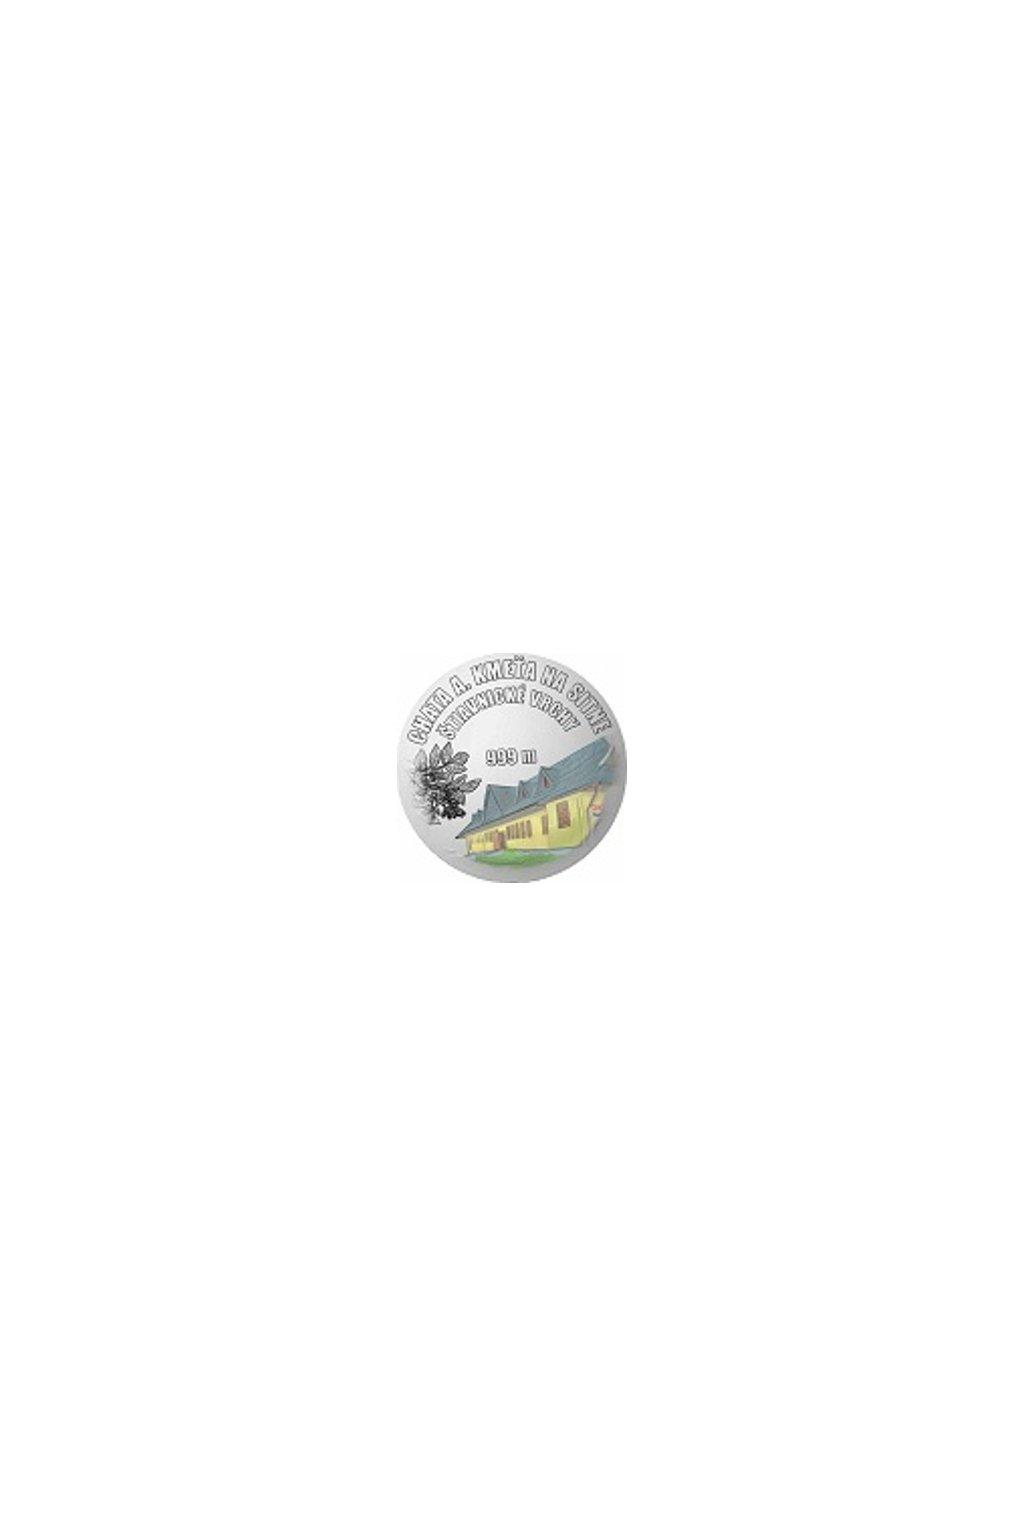 Chata andreja kmeta kolor odznak01